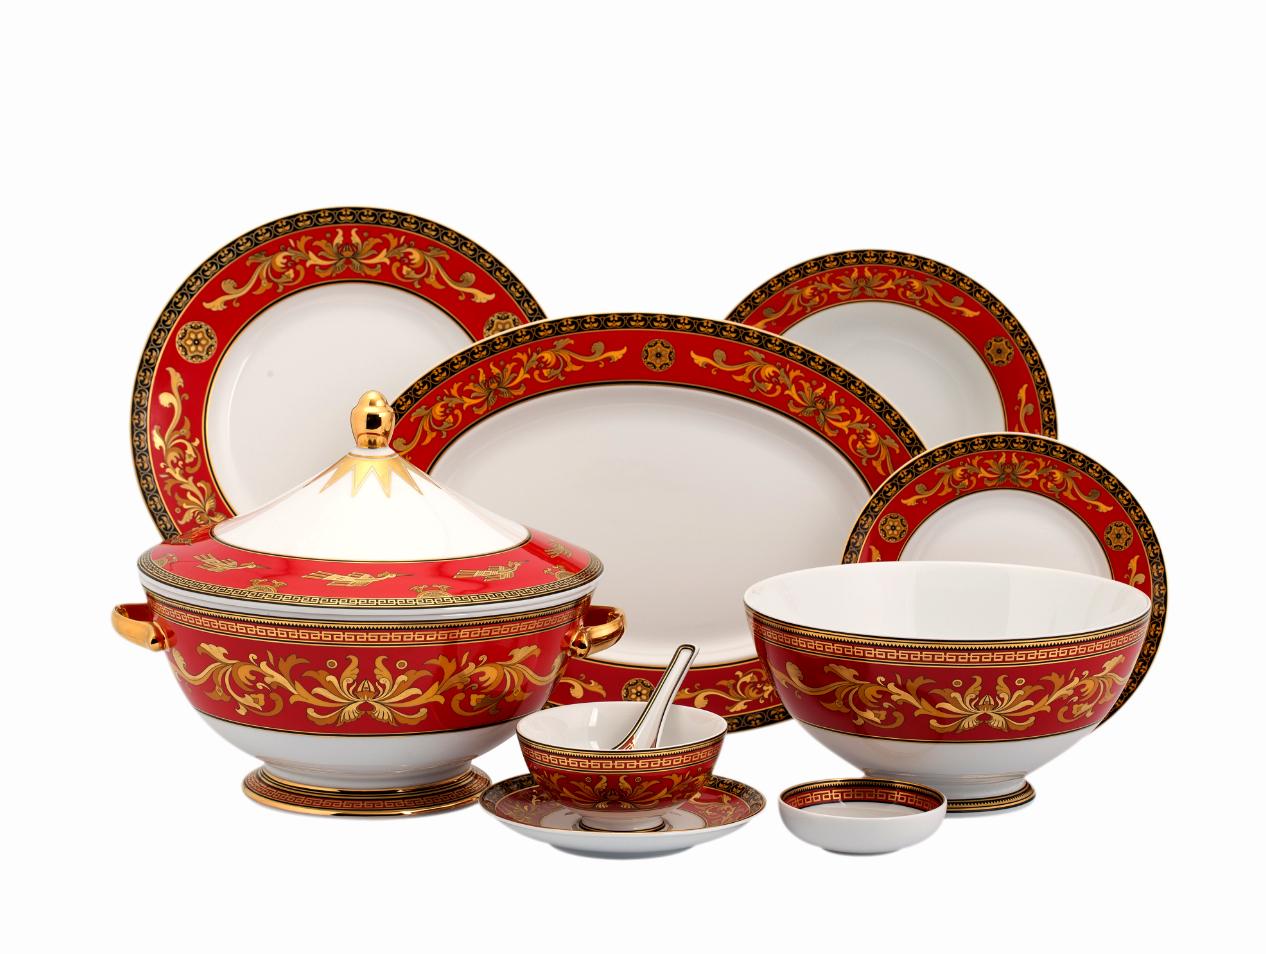 Bộ bàn ăn 30sp Hoàng Cung Quốc sắc 30068 Minh Long